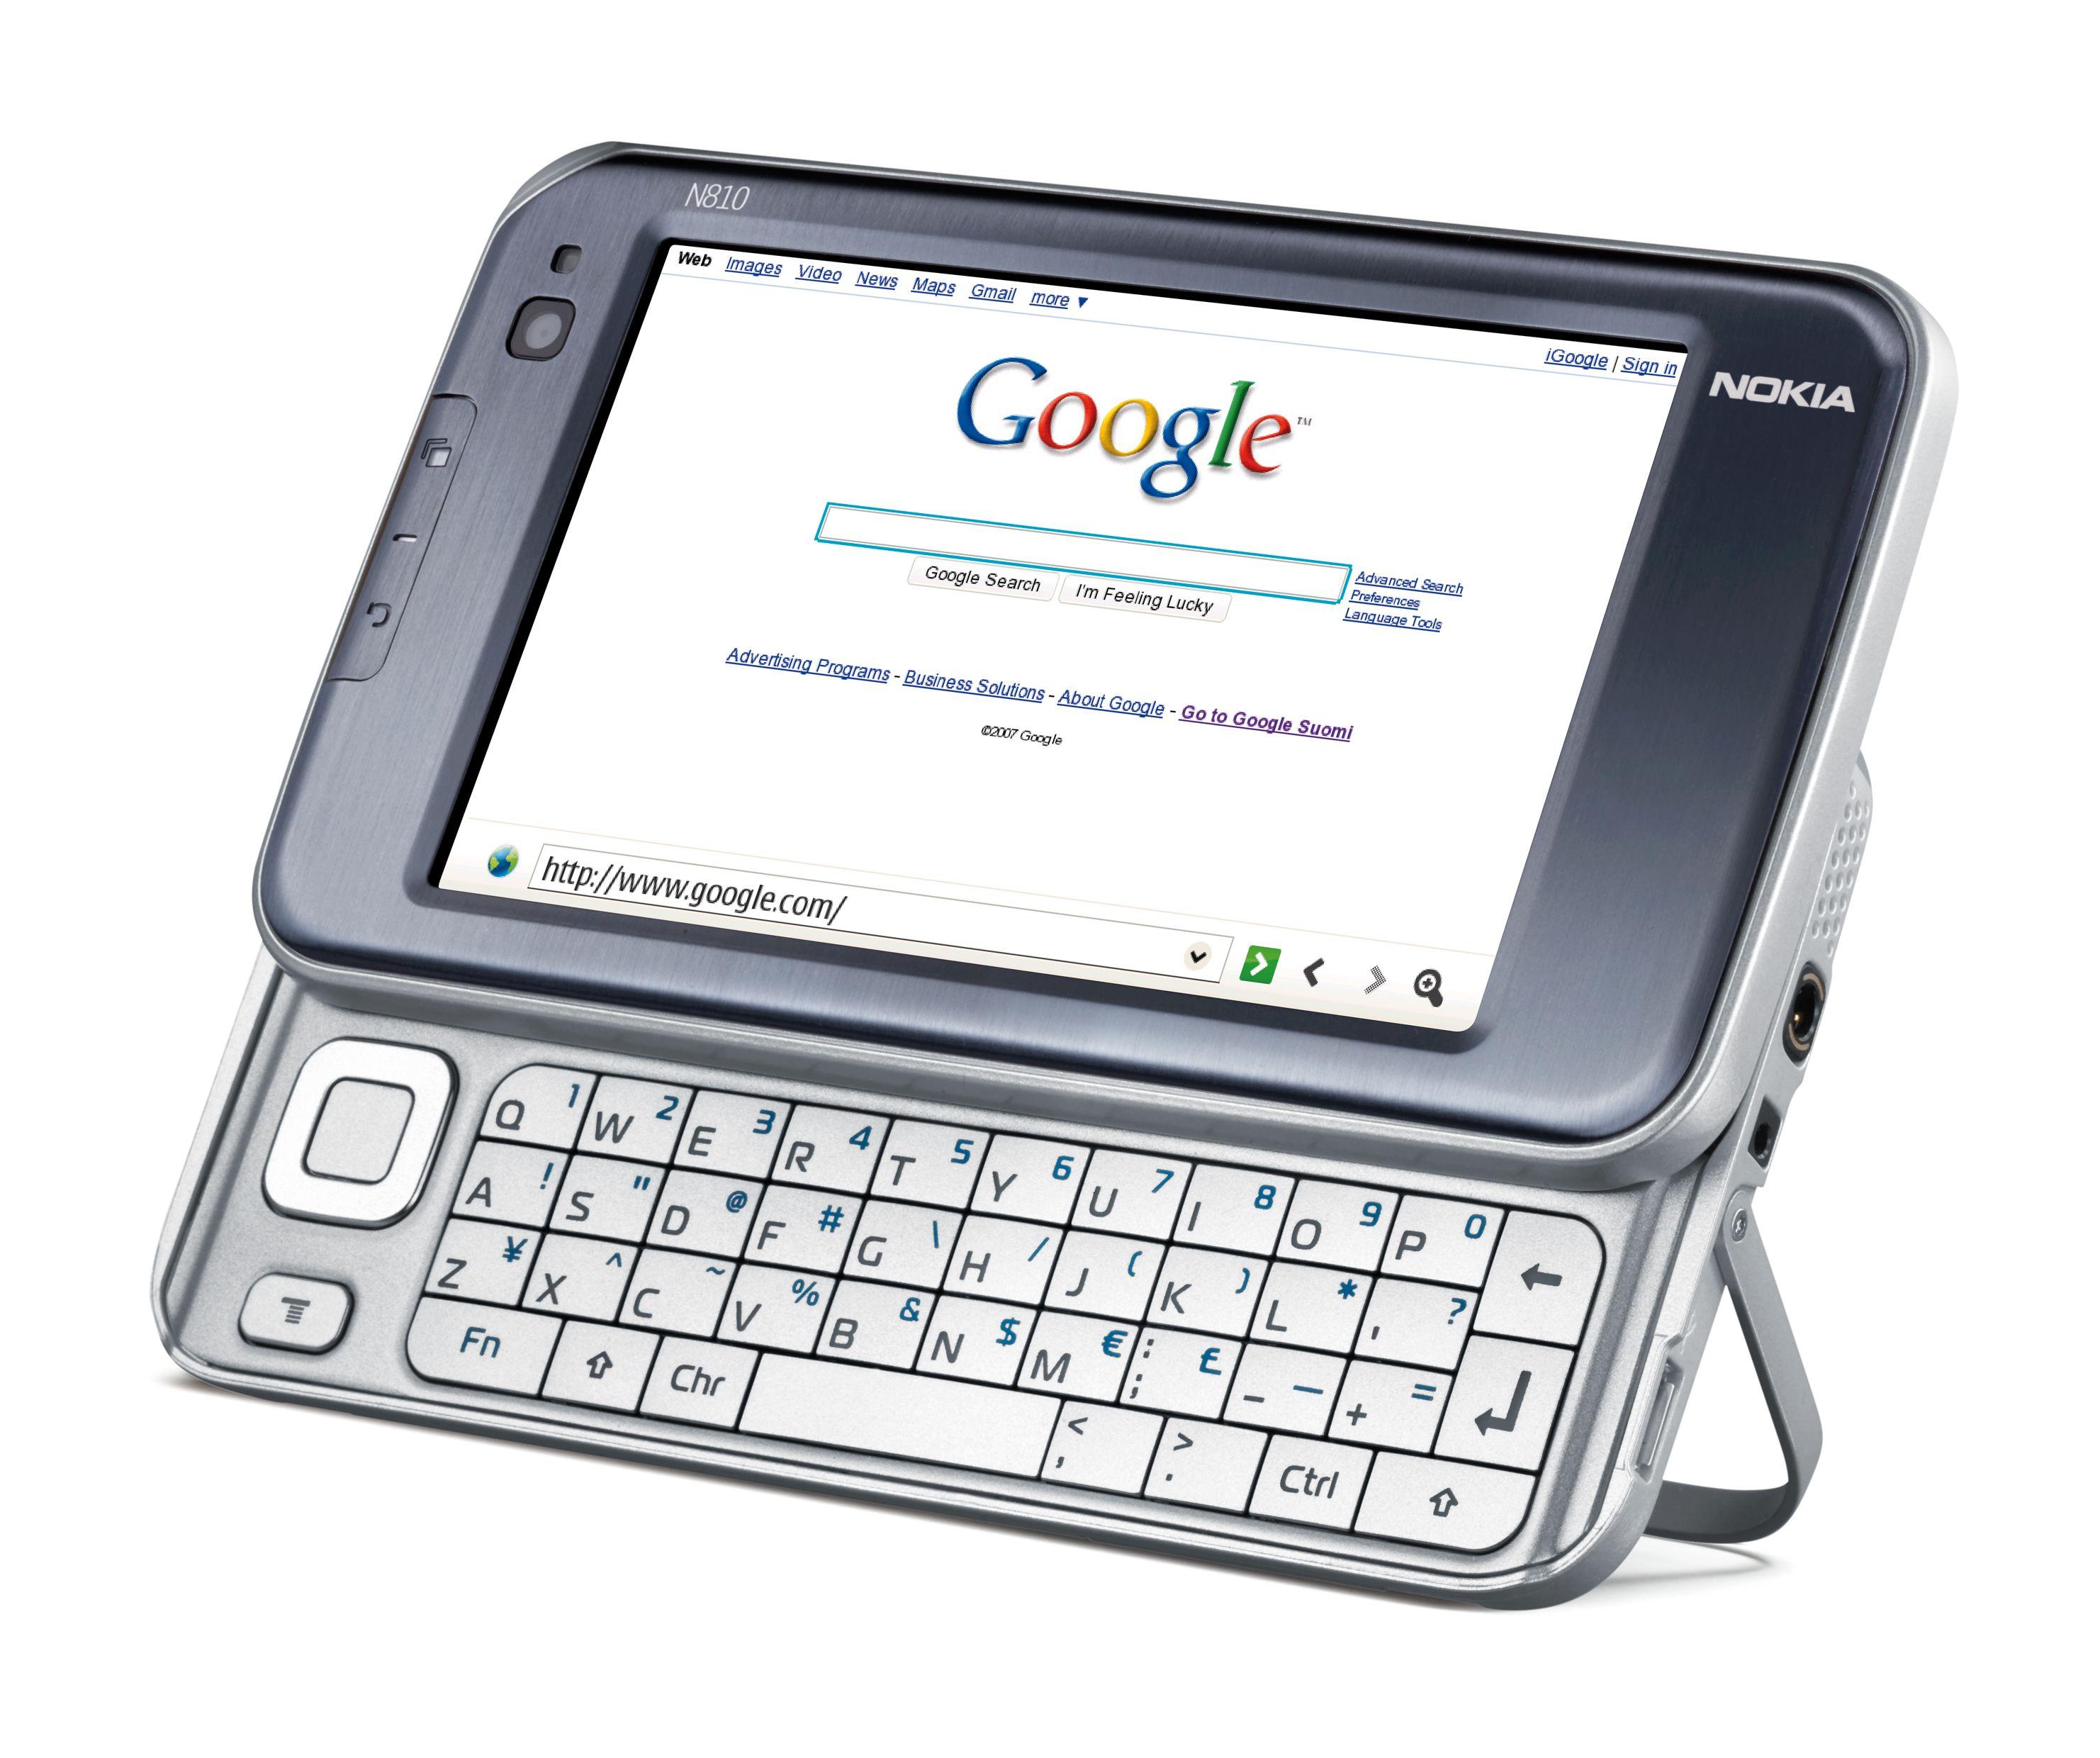 Det fulle tastaturet gjør det enkelt å skrive inn nettadresser og annet. (Foto: Nokia)